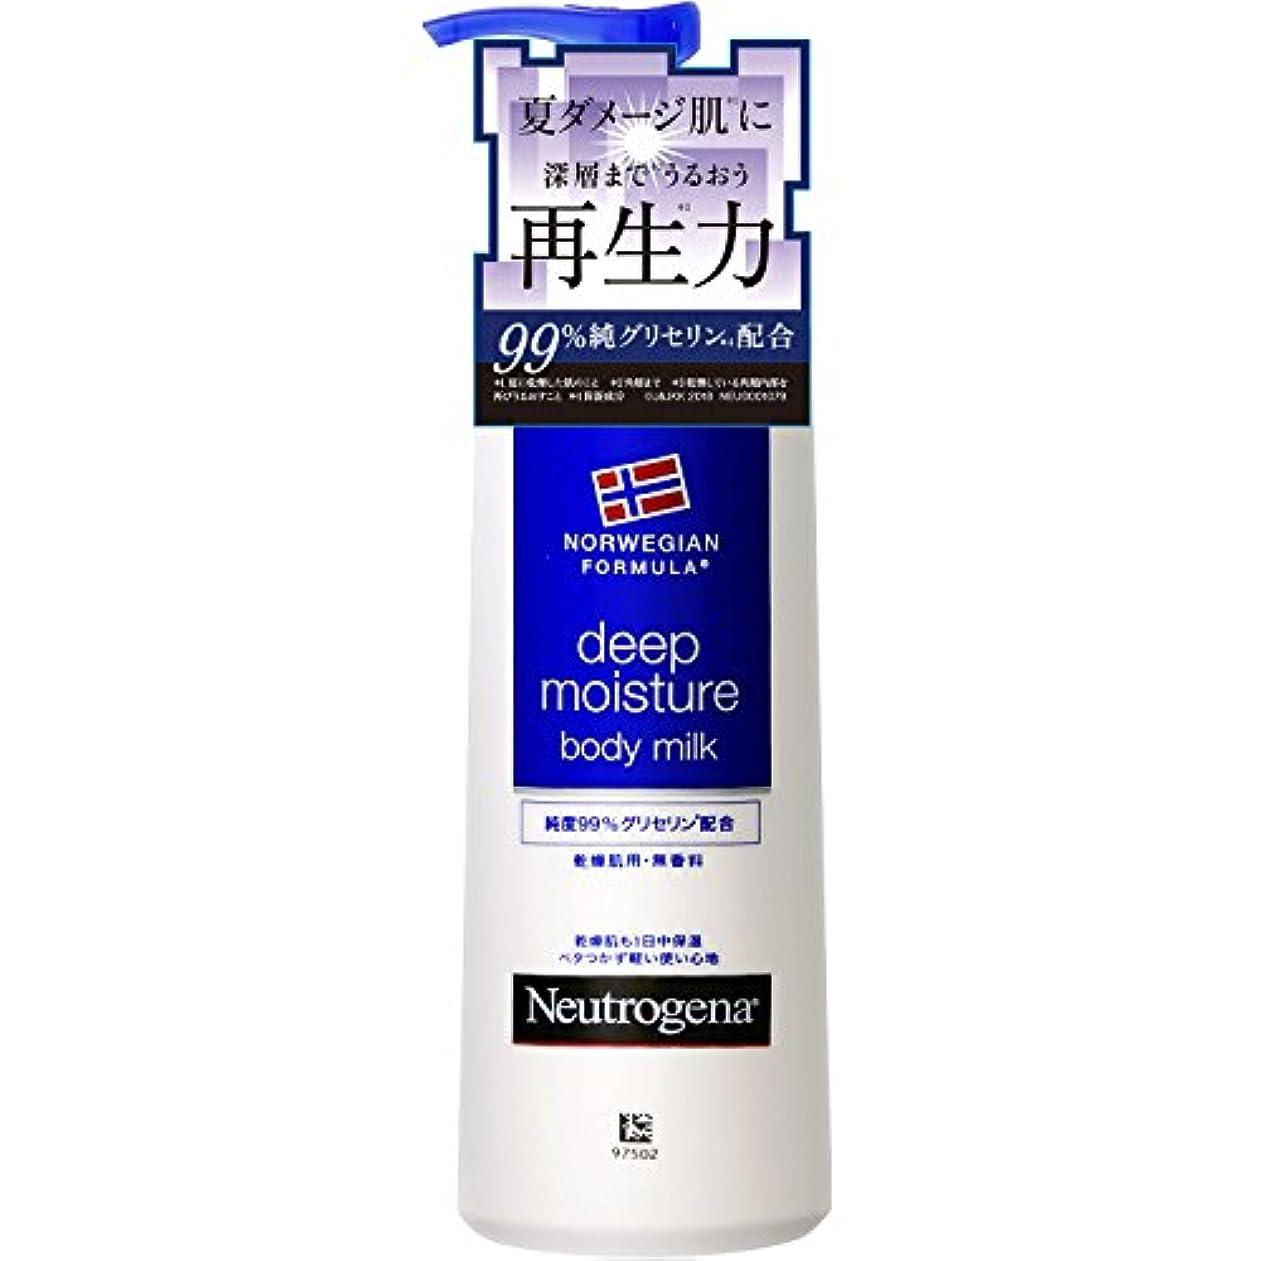 レトルトソーダ水サイレンNeutrogena(ニュートロジーナ) ノルウェーフォーミュラ ディープモイスチャー ボディミルク 乾燥肌用 無香料 単品 250ml